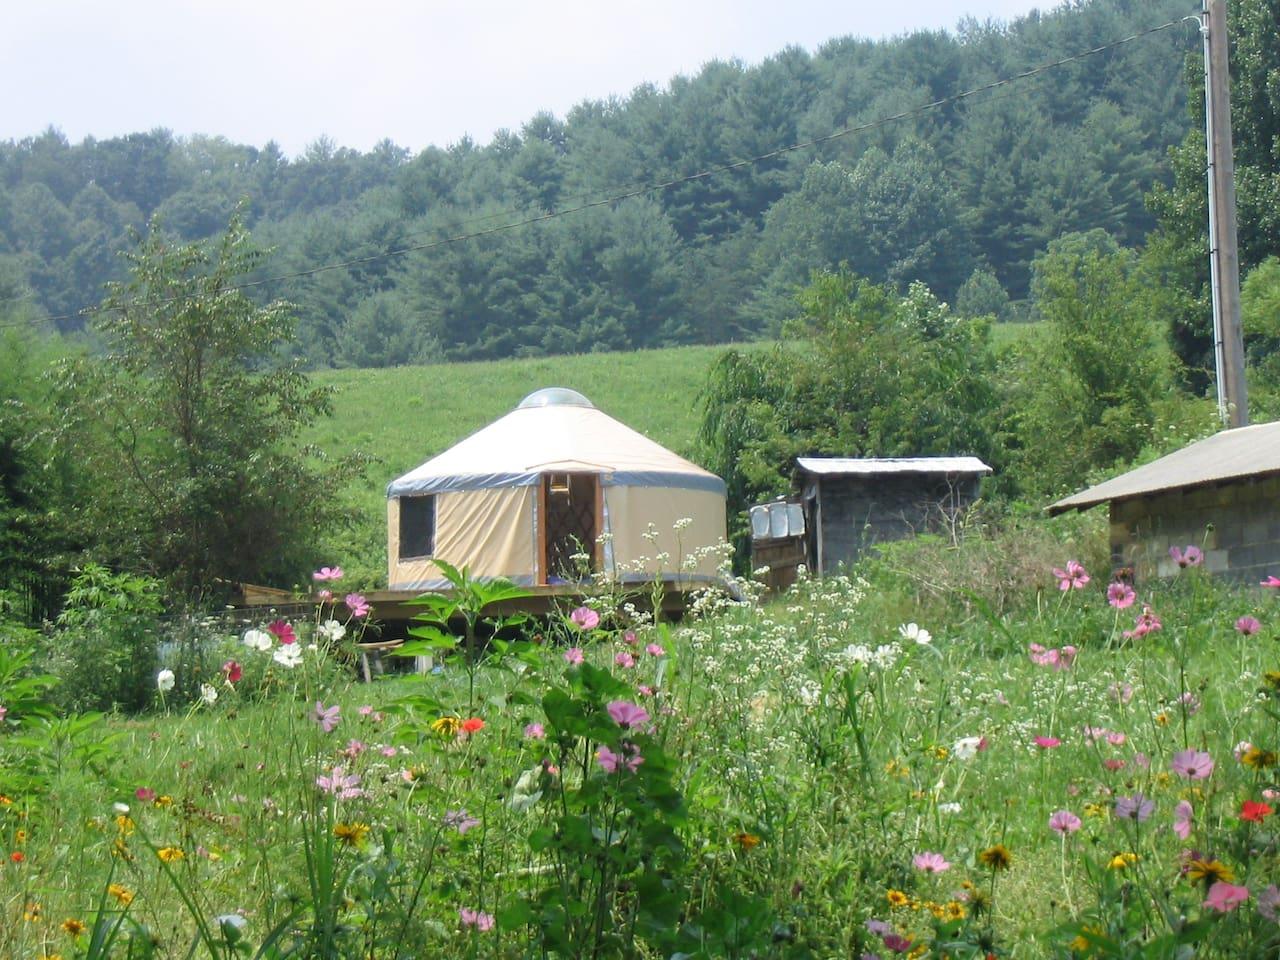 Charming Yurt Glamping Asheville